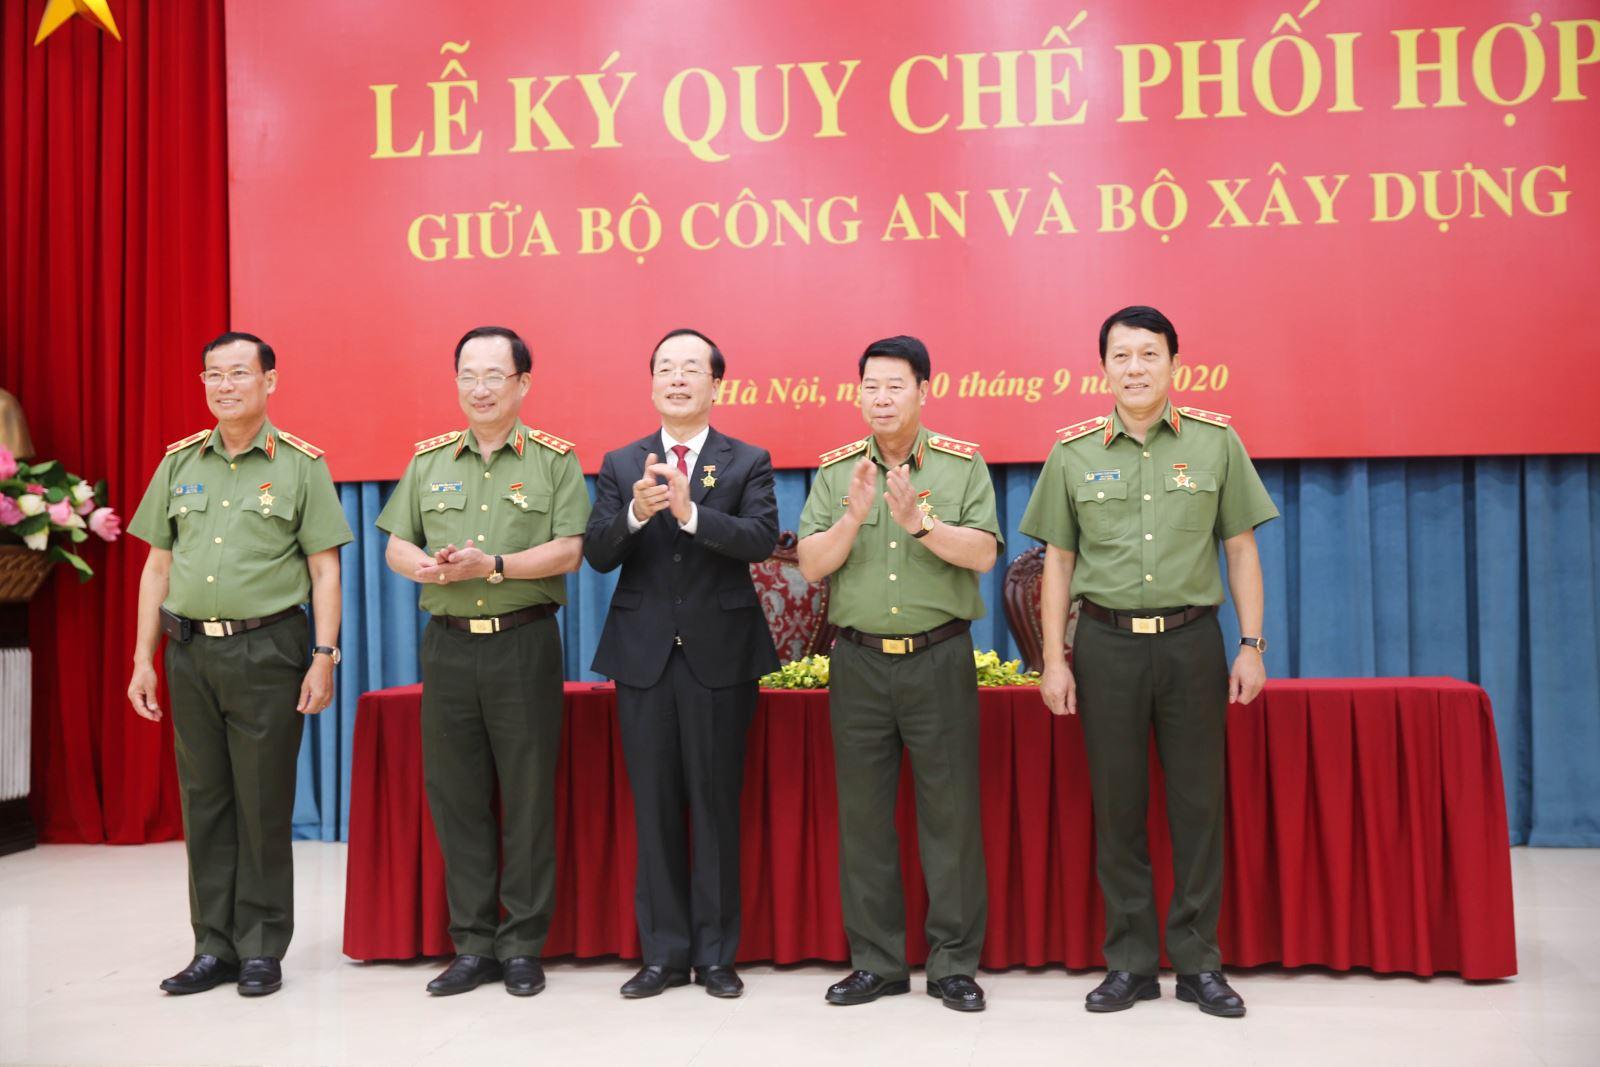 Bộ trưởng Phạm Hồng Hà trao tặng Kỷ niệm chương Vì sự nghiệp Xây dựng cho các lãnh đạo Bộ Công an